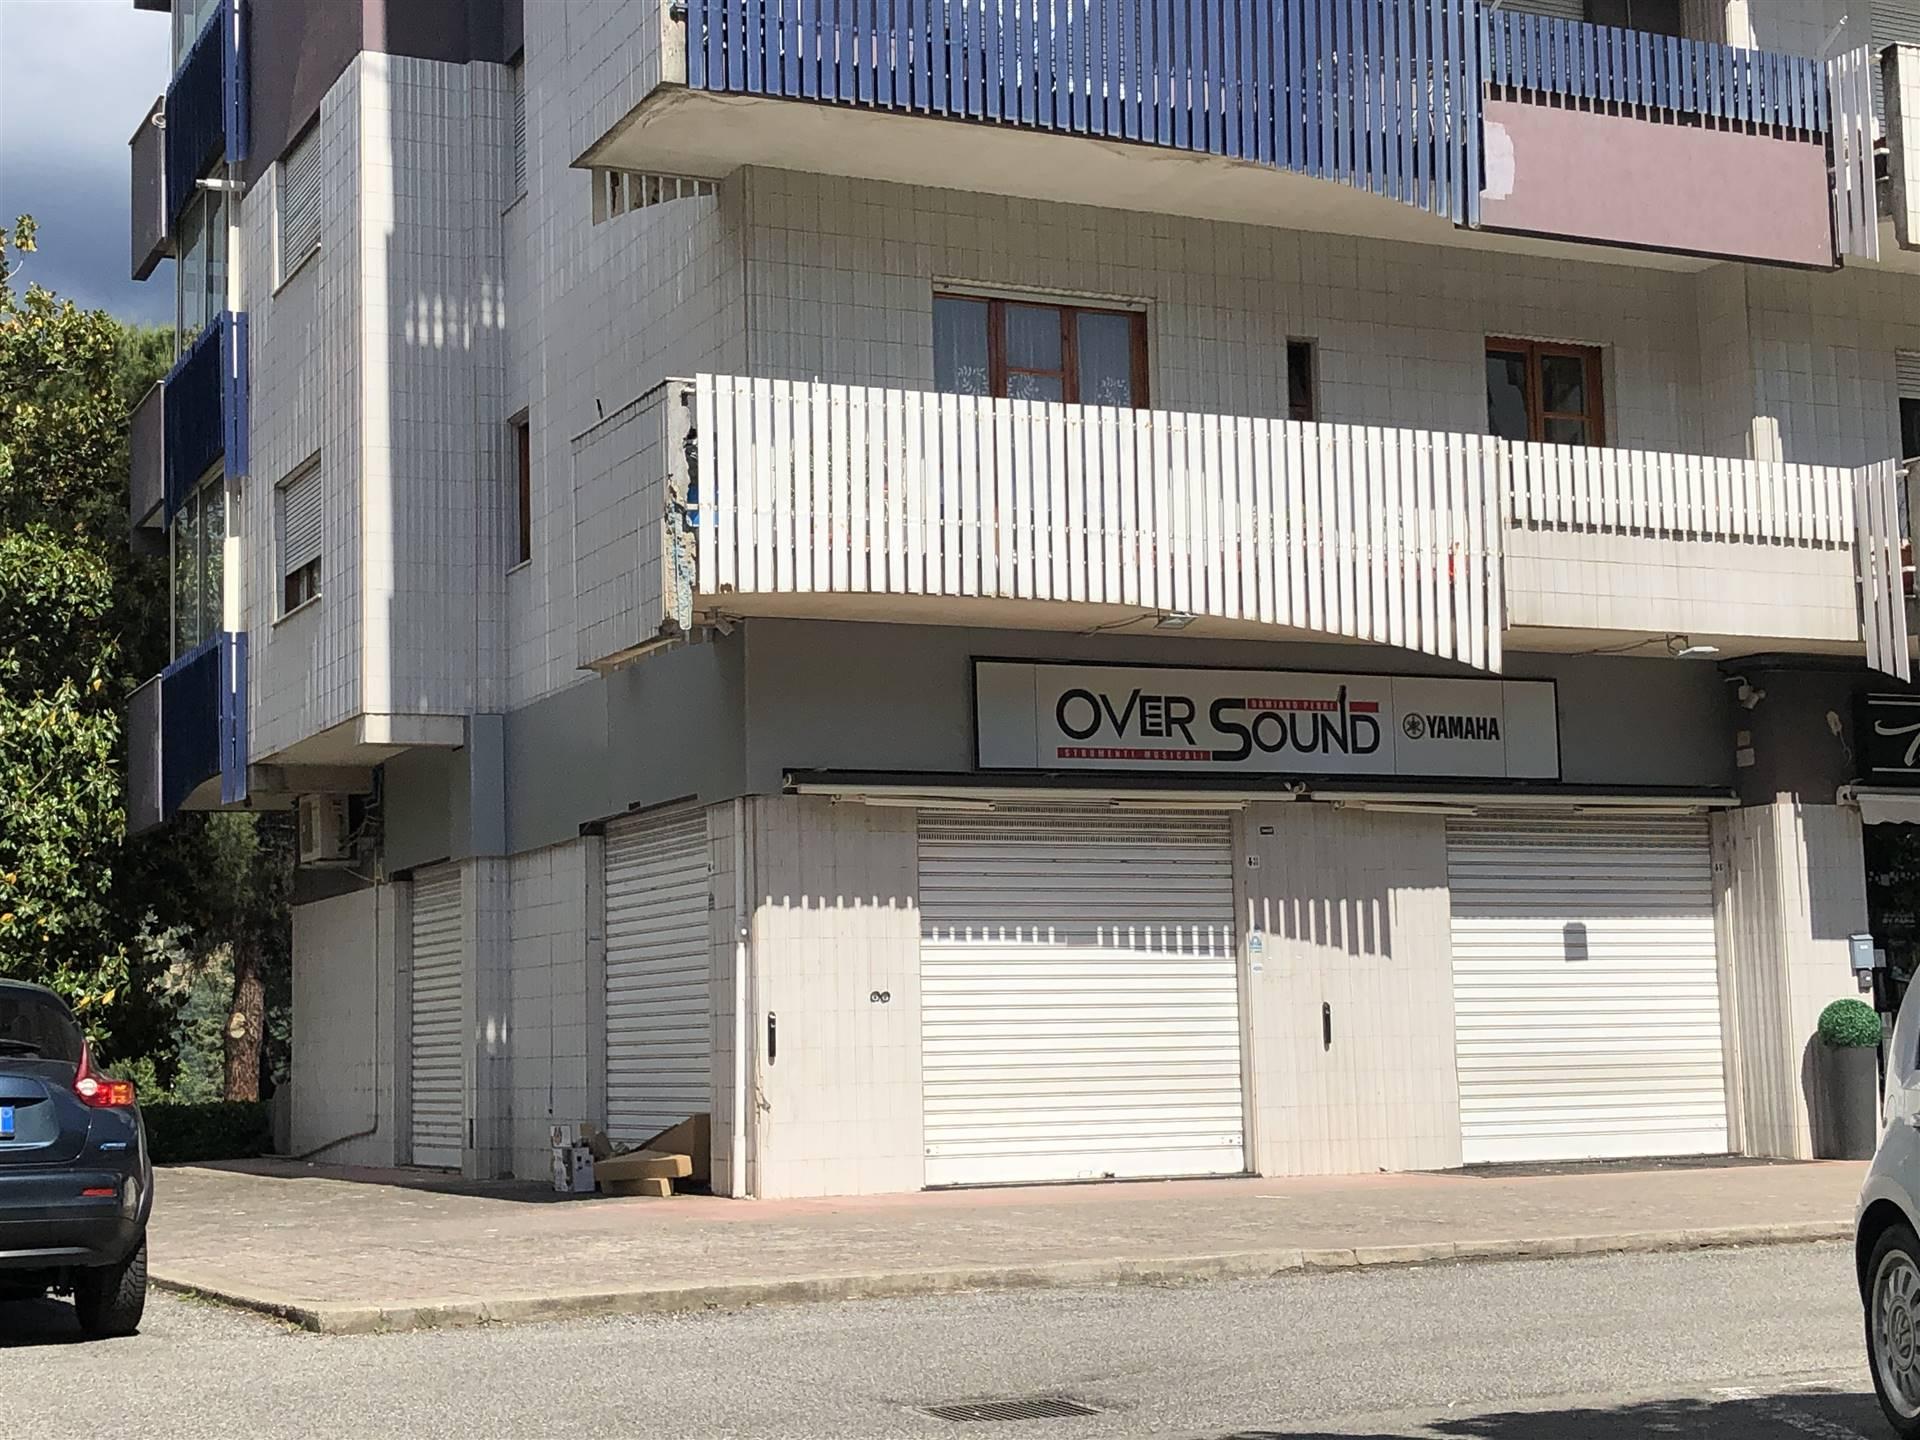 Roges di Rende - Via Crati. Locale commerciale ubicato fronte strada completo di 4 vetrine, due frontali e due laterali, munito di iampie vetrine.